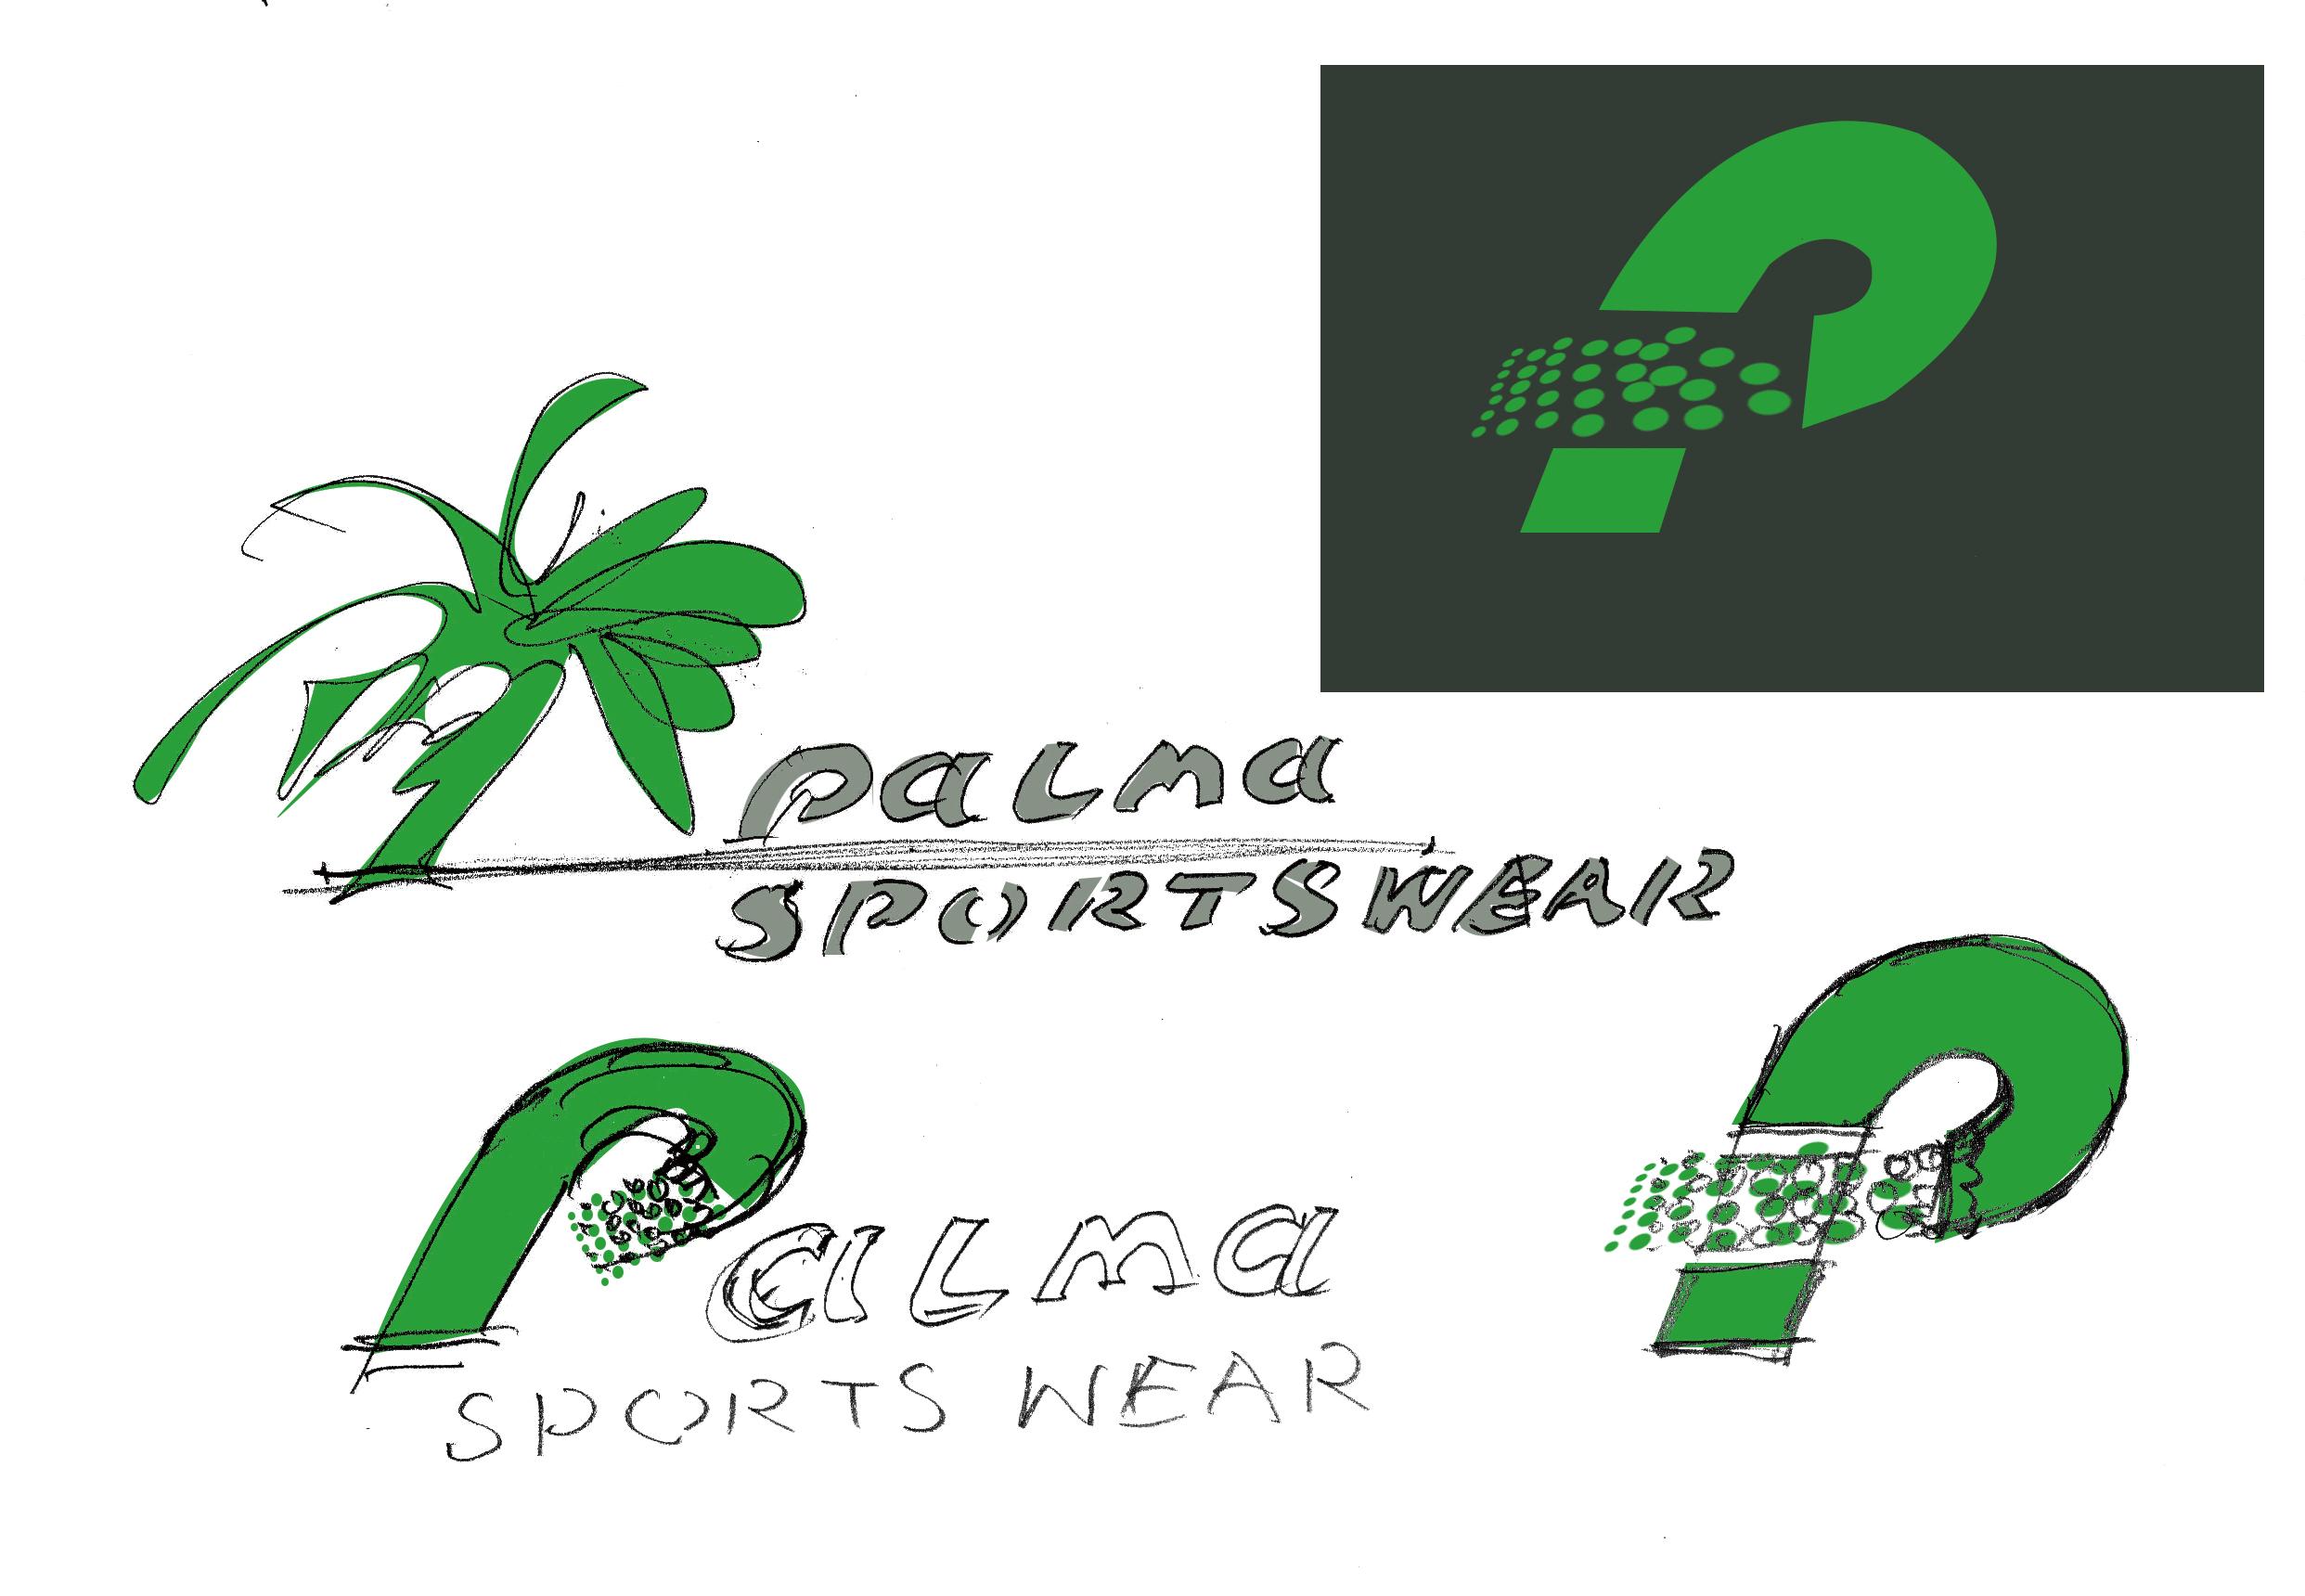 运动服装品牌logo - 图形与logo设计 (2484x1720)-服装品牌logo模板